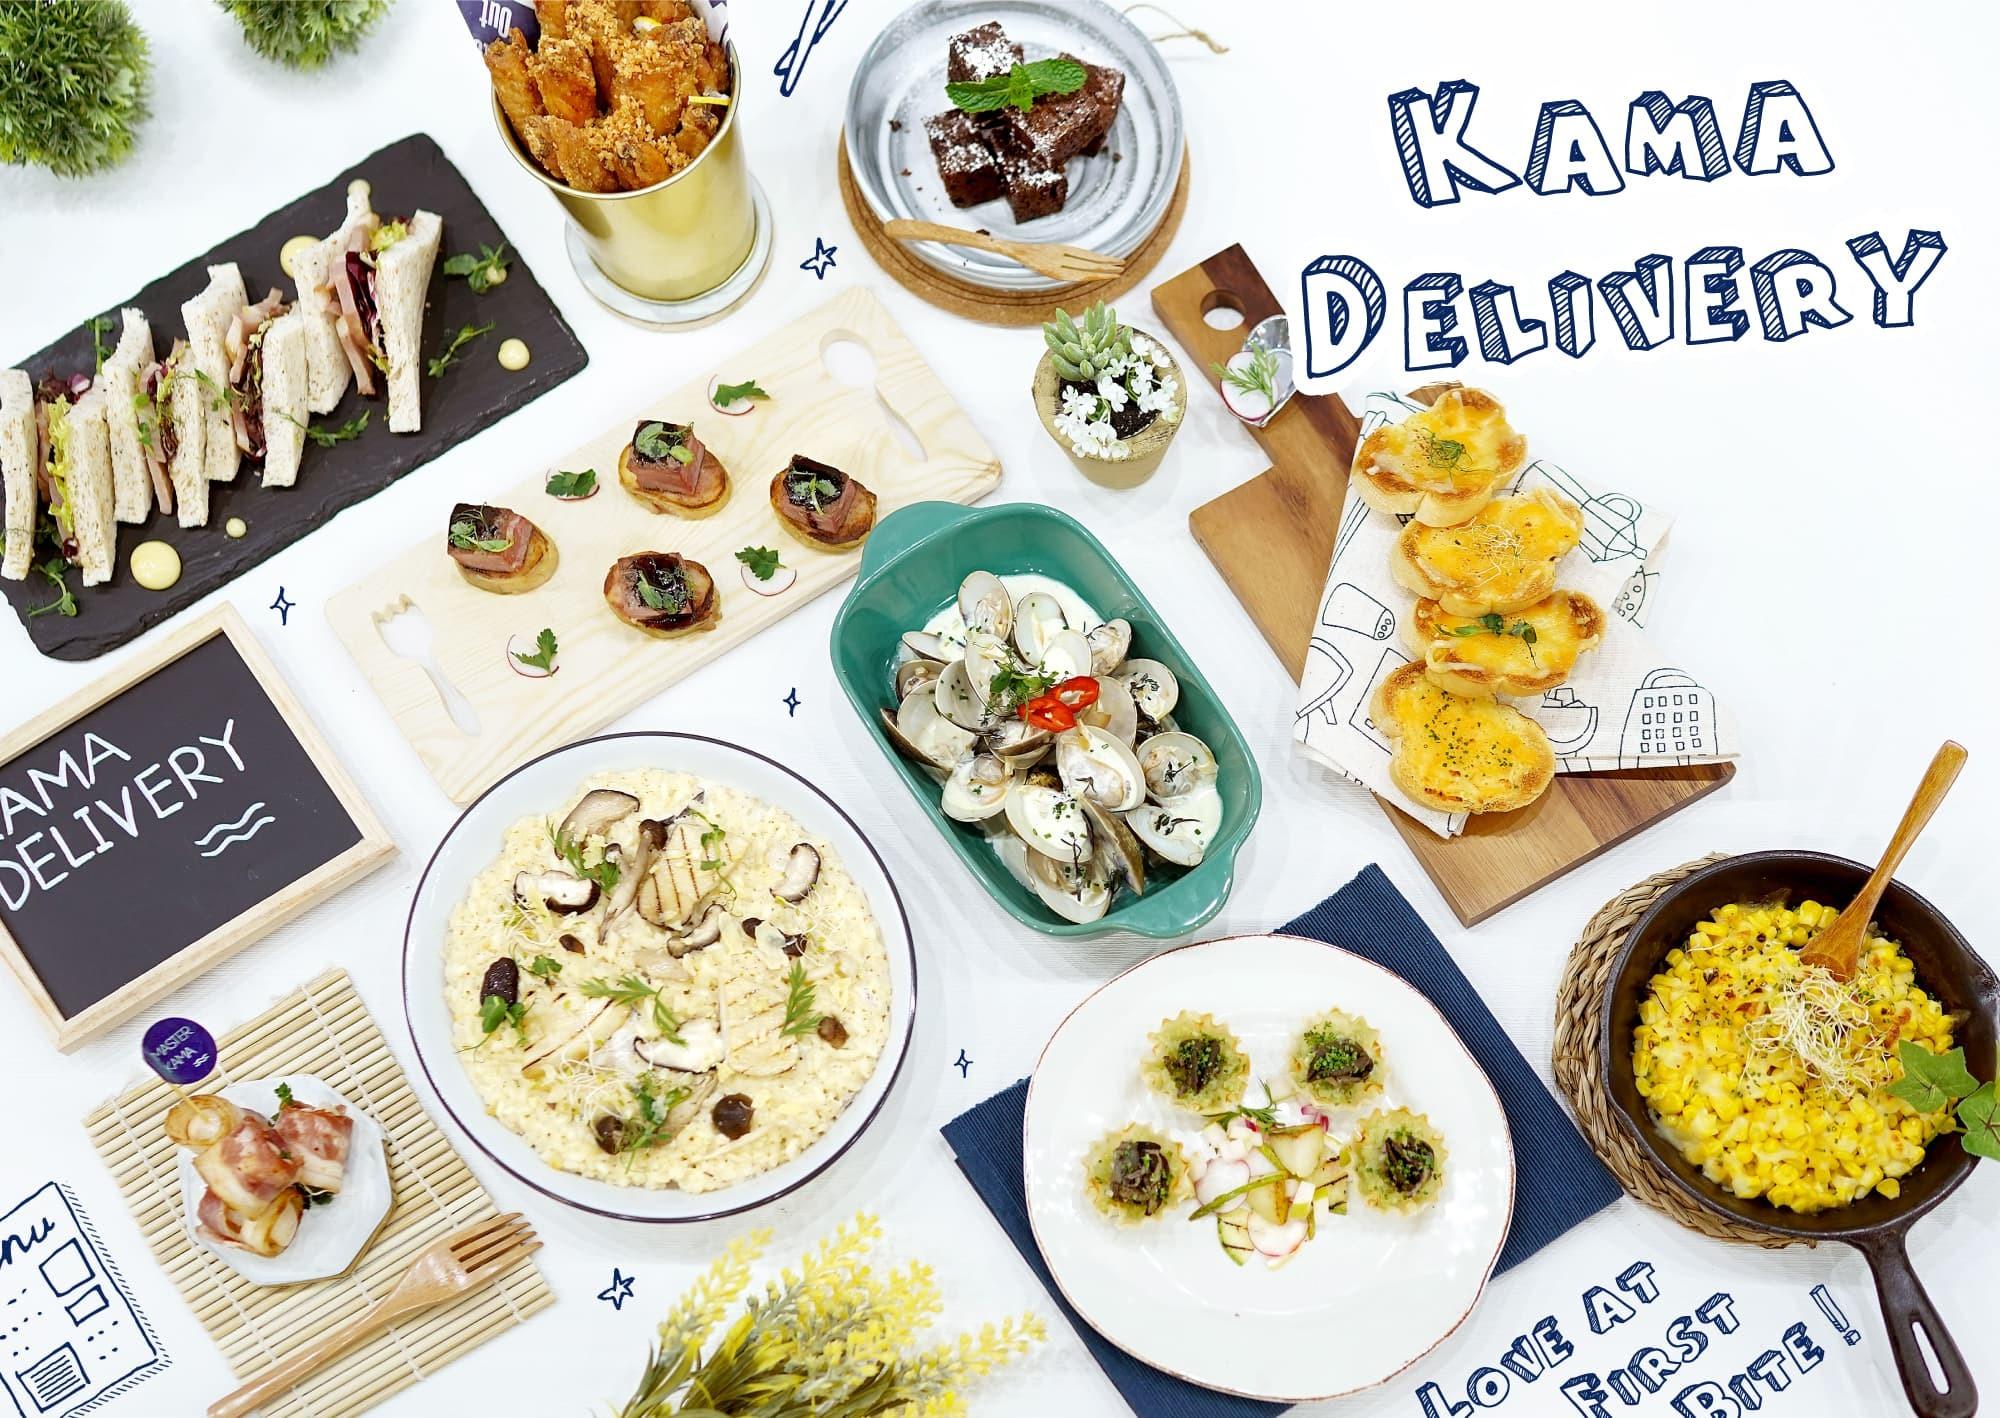 79人外賣套餐預訂|Kama Delivery為大型Party製作各款特色食品,並可為你的派對度身訂造個性化Menu及按人數調整美食份量。